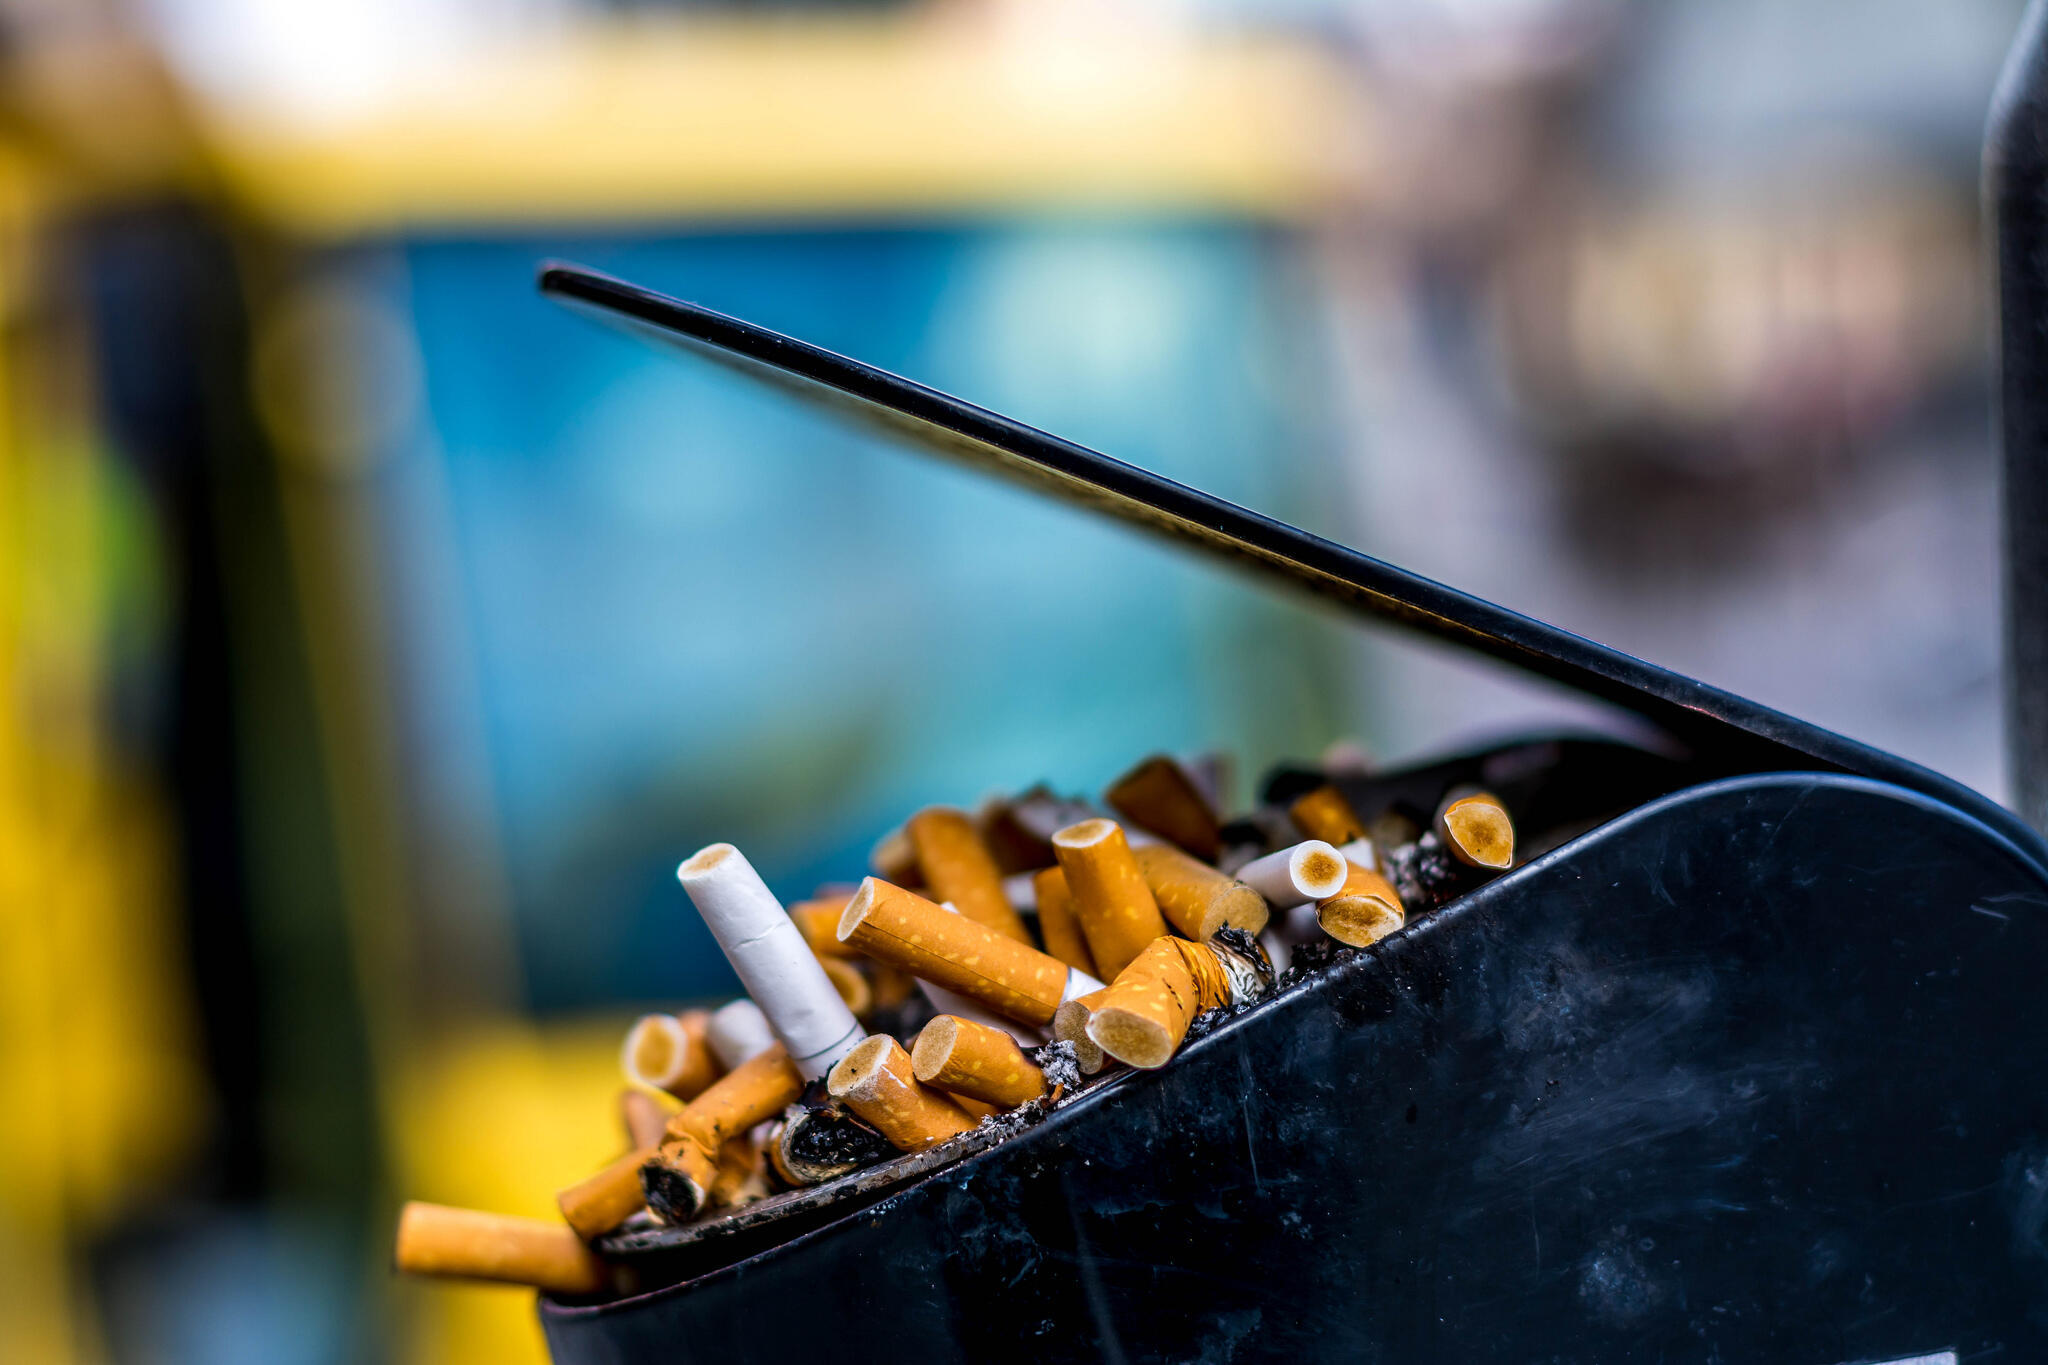 En moyenne, un fumeur régulier sur deux meurt prématurément des causes de son tabagisme, et la moitié de ces décès se situent entre 35 et 69 ans.